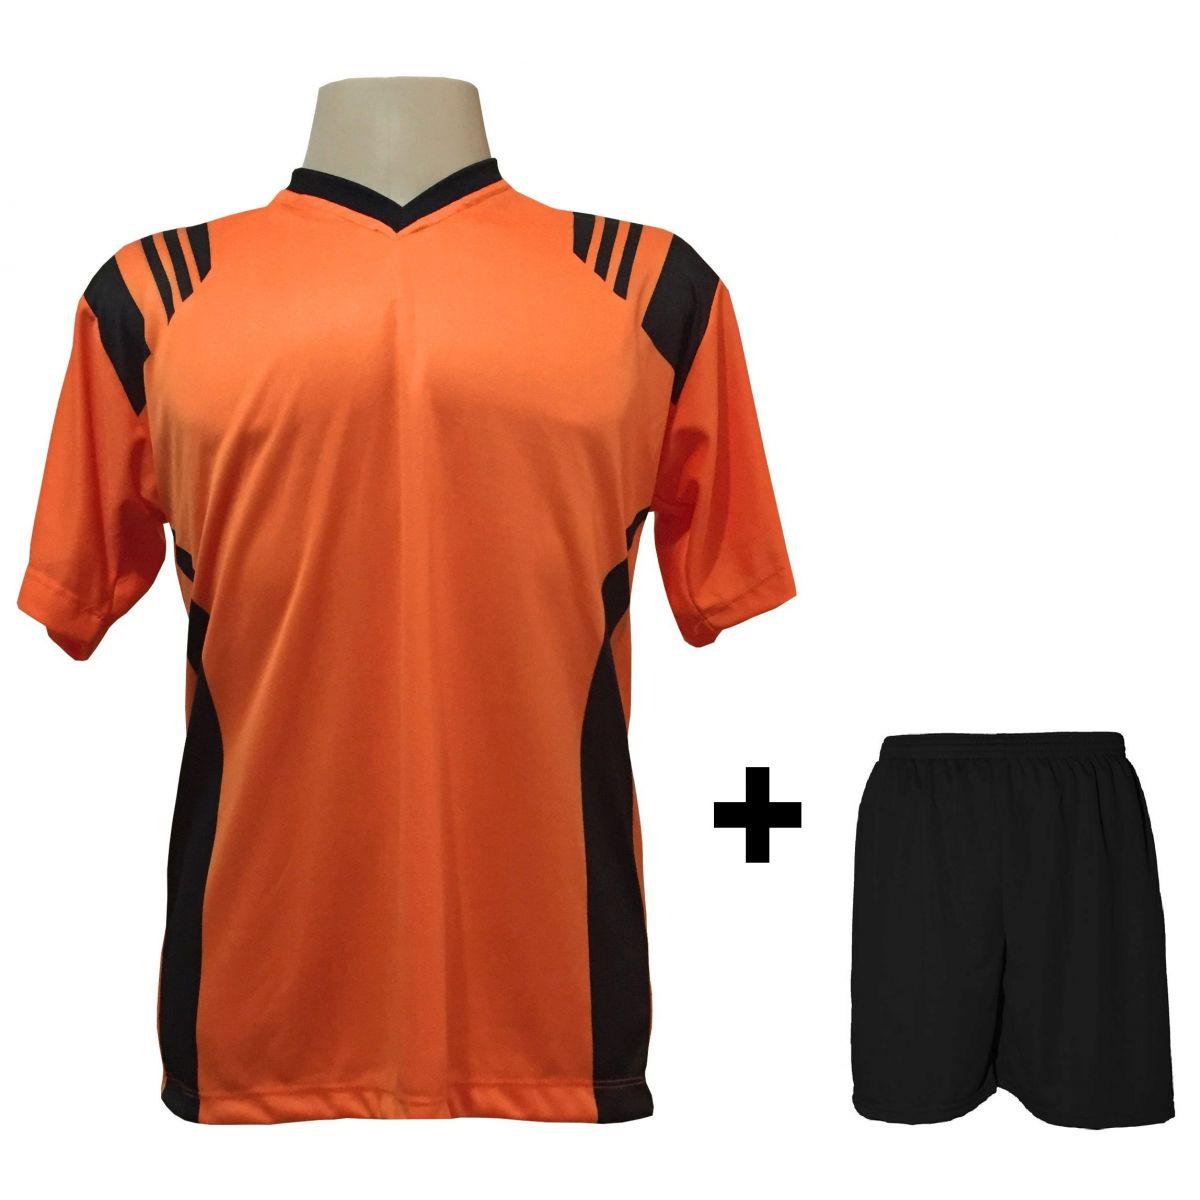 3060794213f0a Uniforme Esportivo com 18 camisas modelo Roma Laranja Preto + 18 calções  modelo Madrid + ...